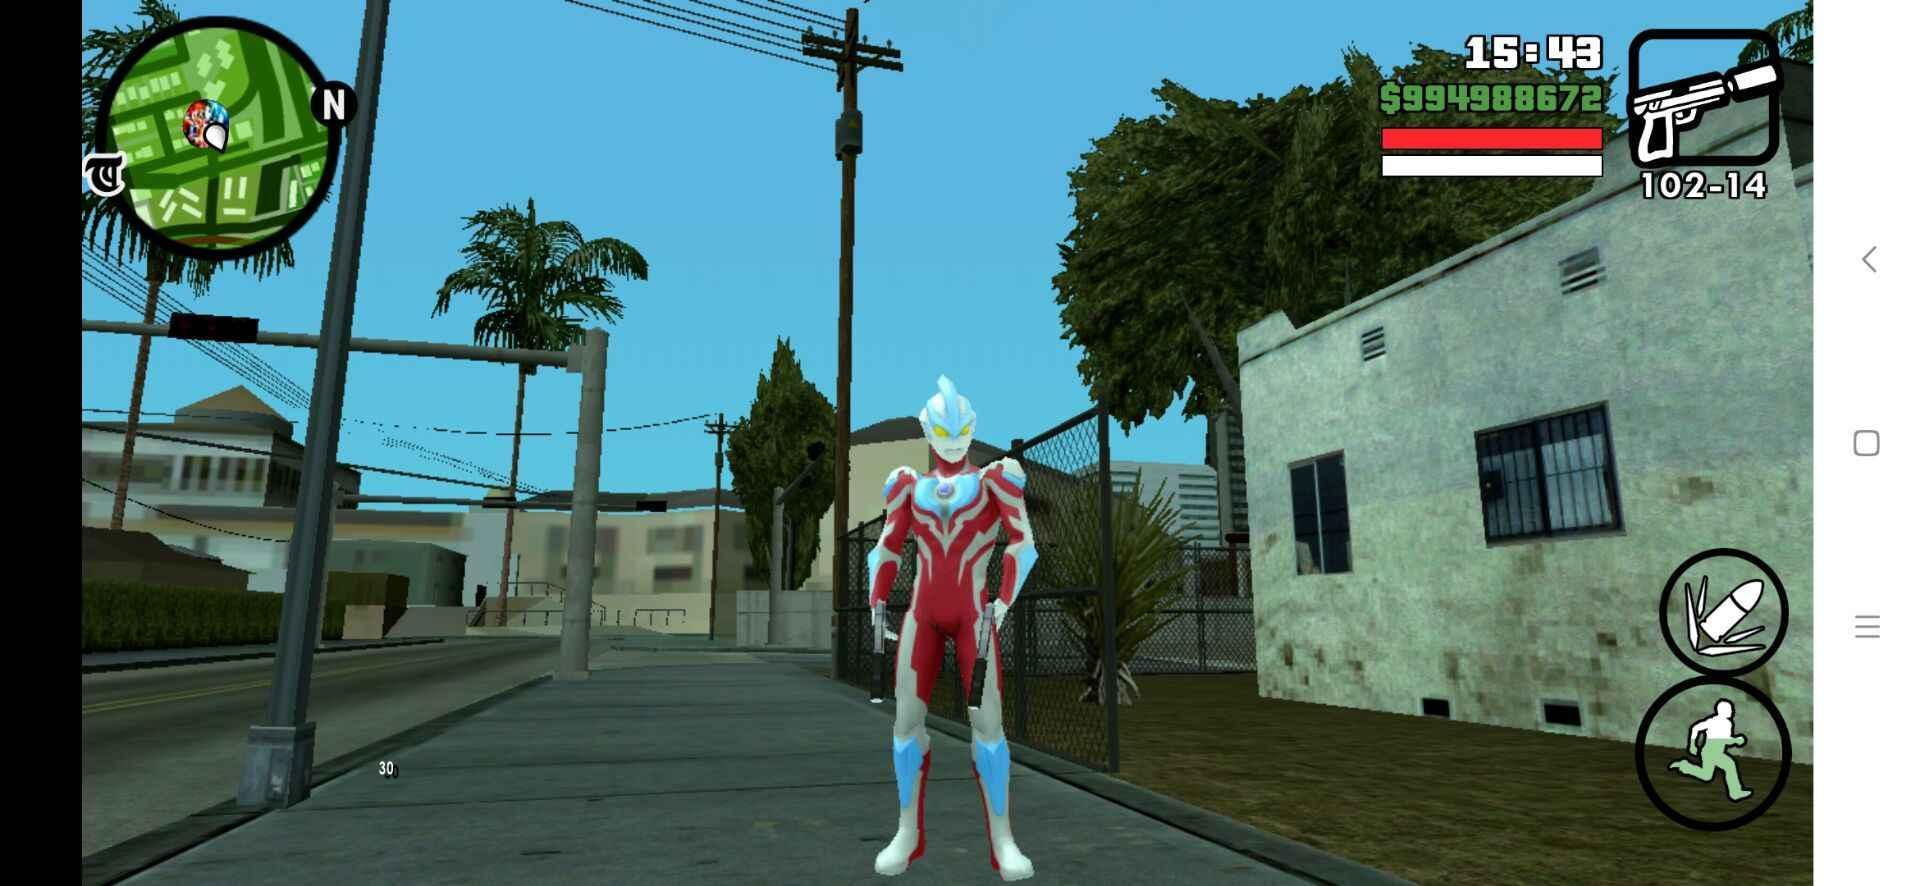 gtasa钢铁侠mod安卓版截图2